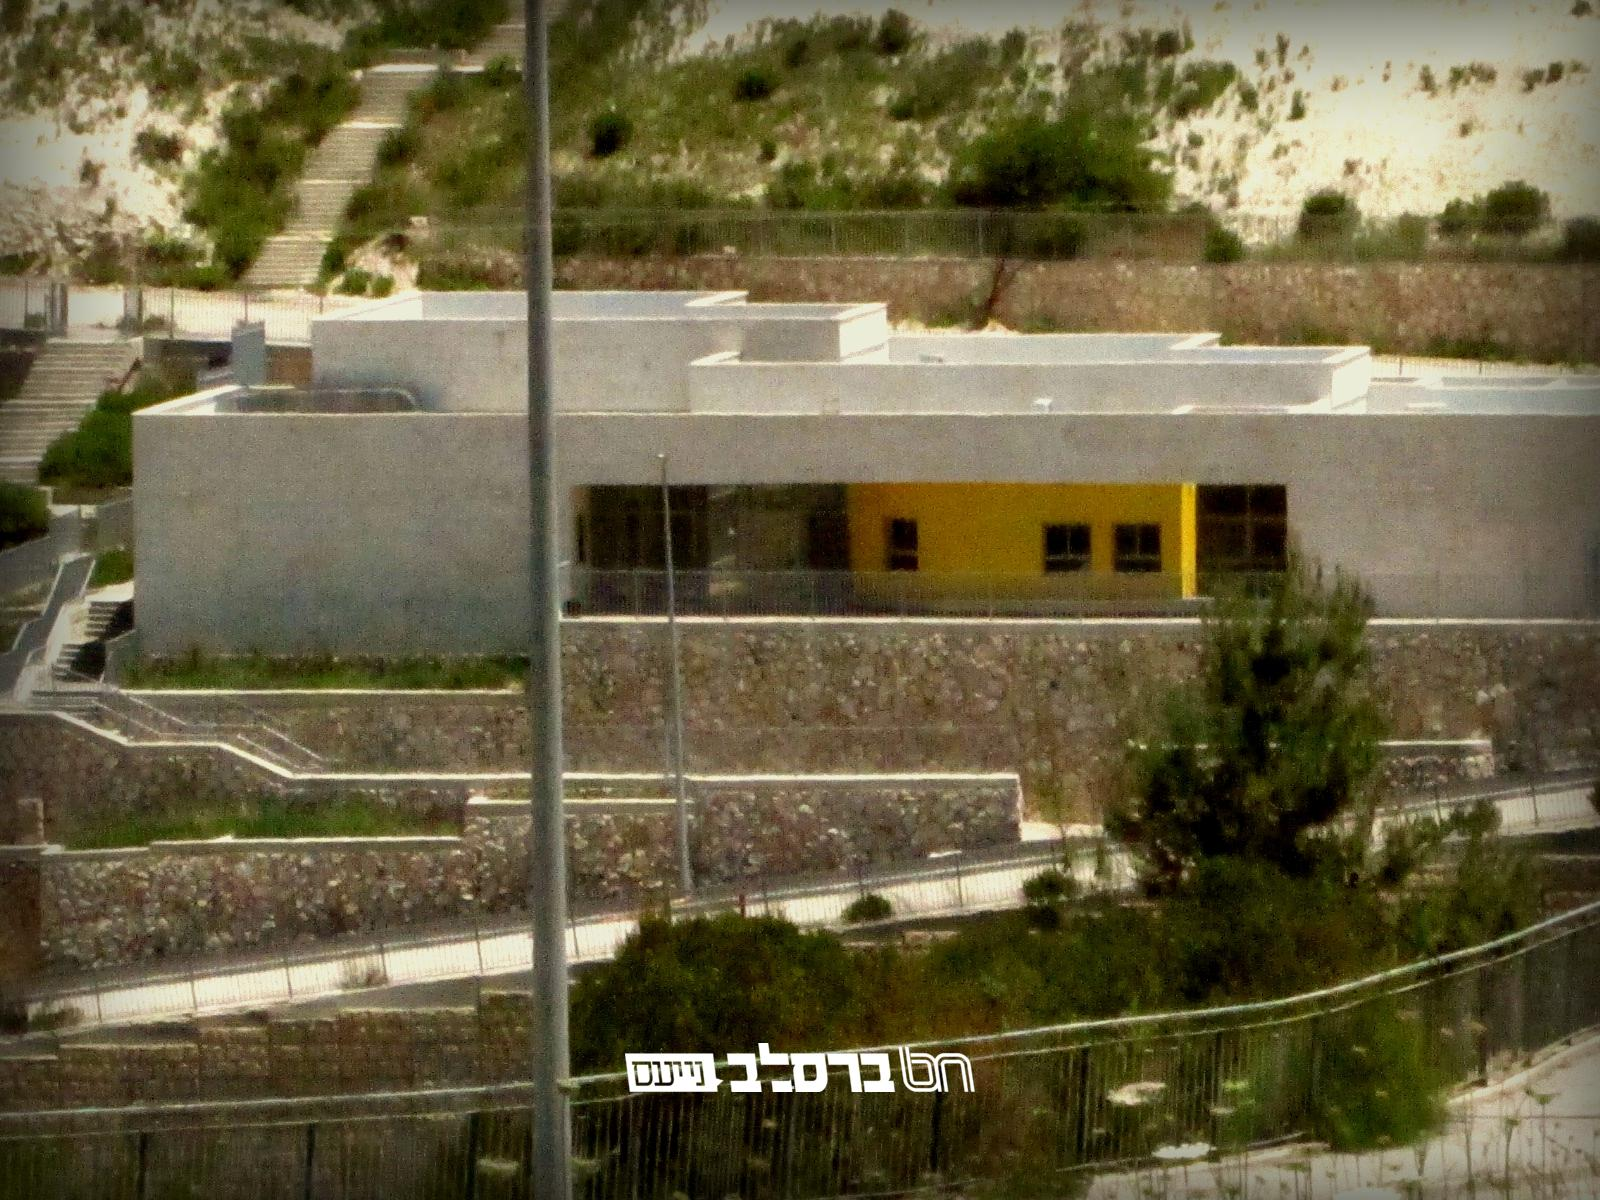 הר יונה: תלמוד תורה ברסלב נכנס למבנה קבוע גדול ומרווח לרווחת תינוקות של בית רבן